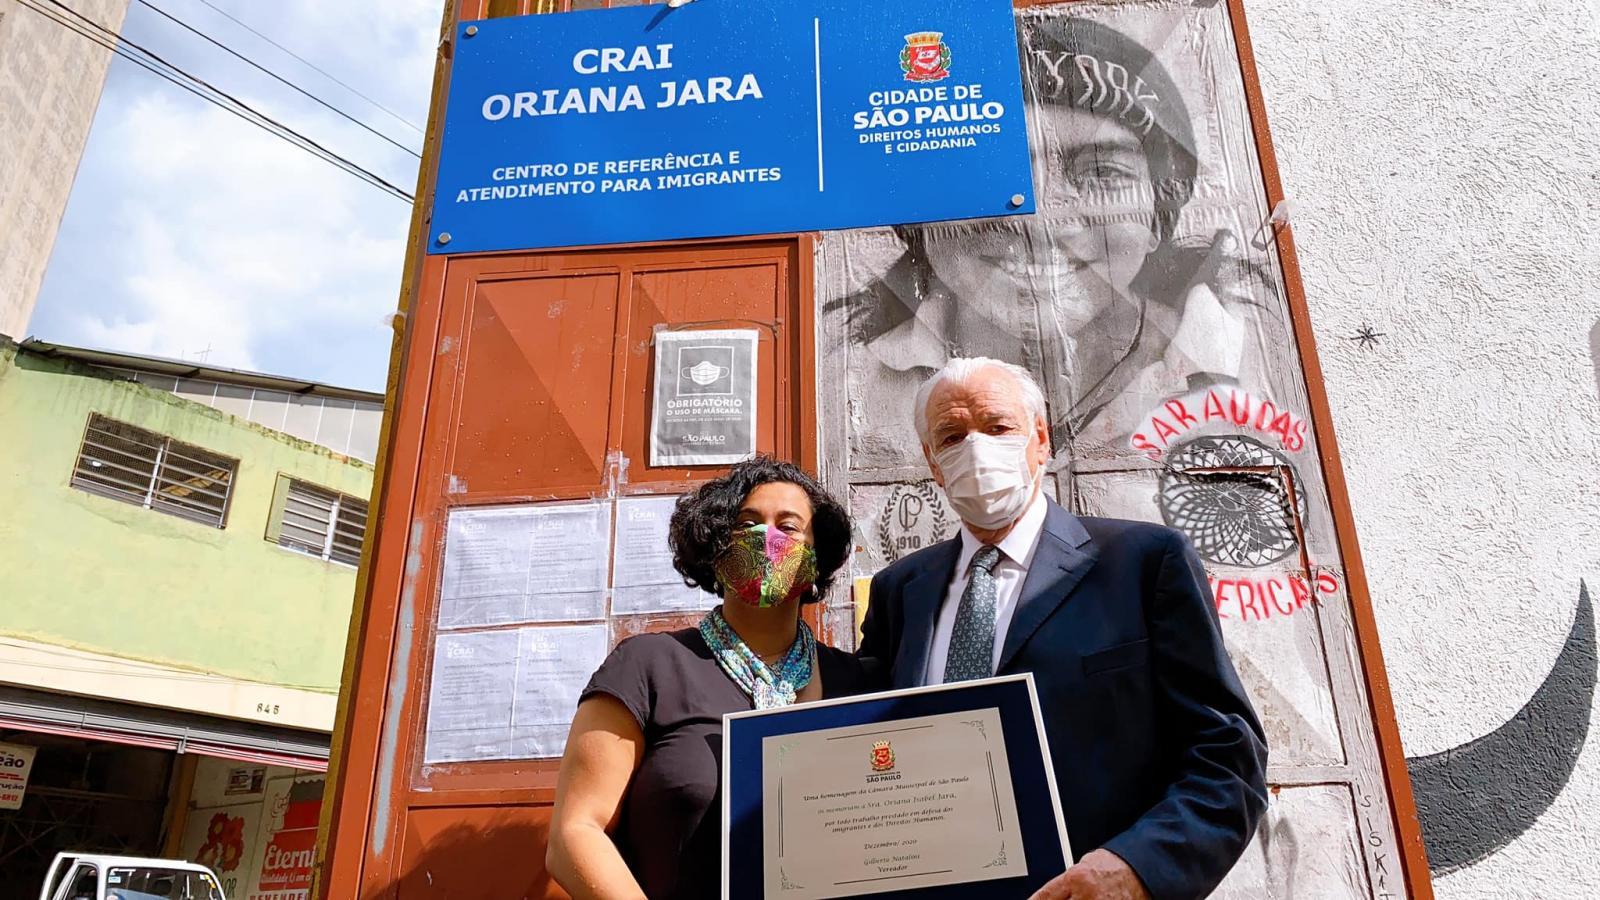 O Centro de Referência e Atendimento para Imigrantes (CRAI), passa a se chamar Oriana Jara Maculet